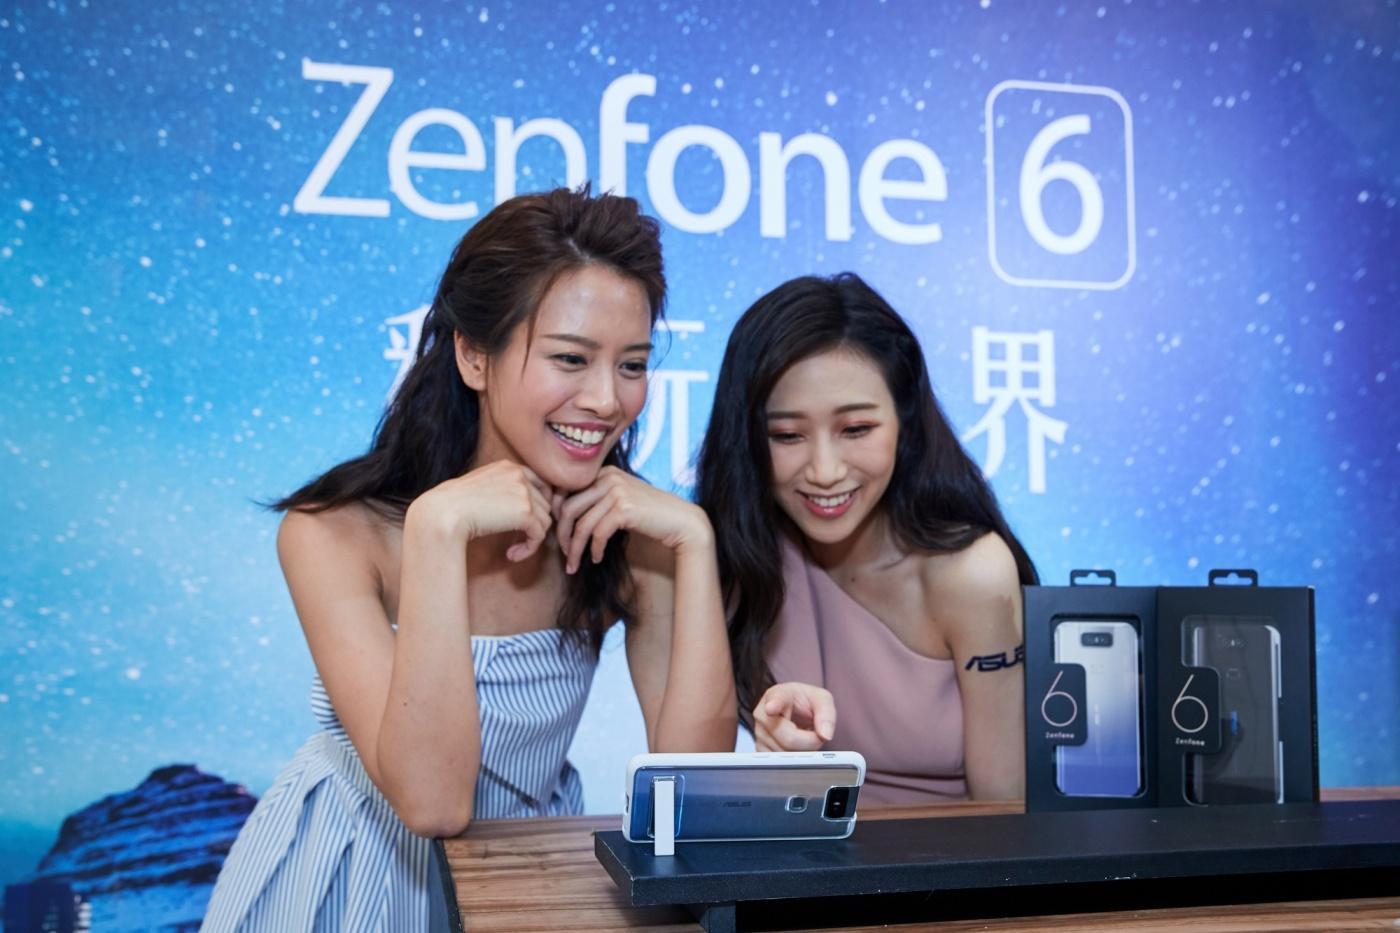 華碩樹大招風?ZenFone商標印度禁用,施崇棠:市占率破8%遭對手引戰